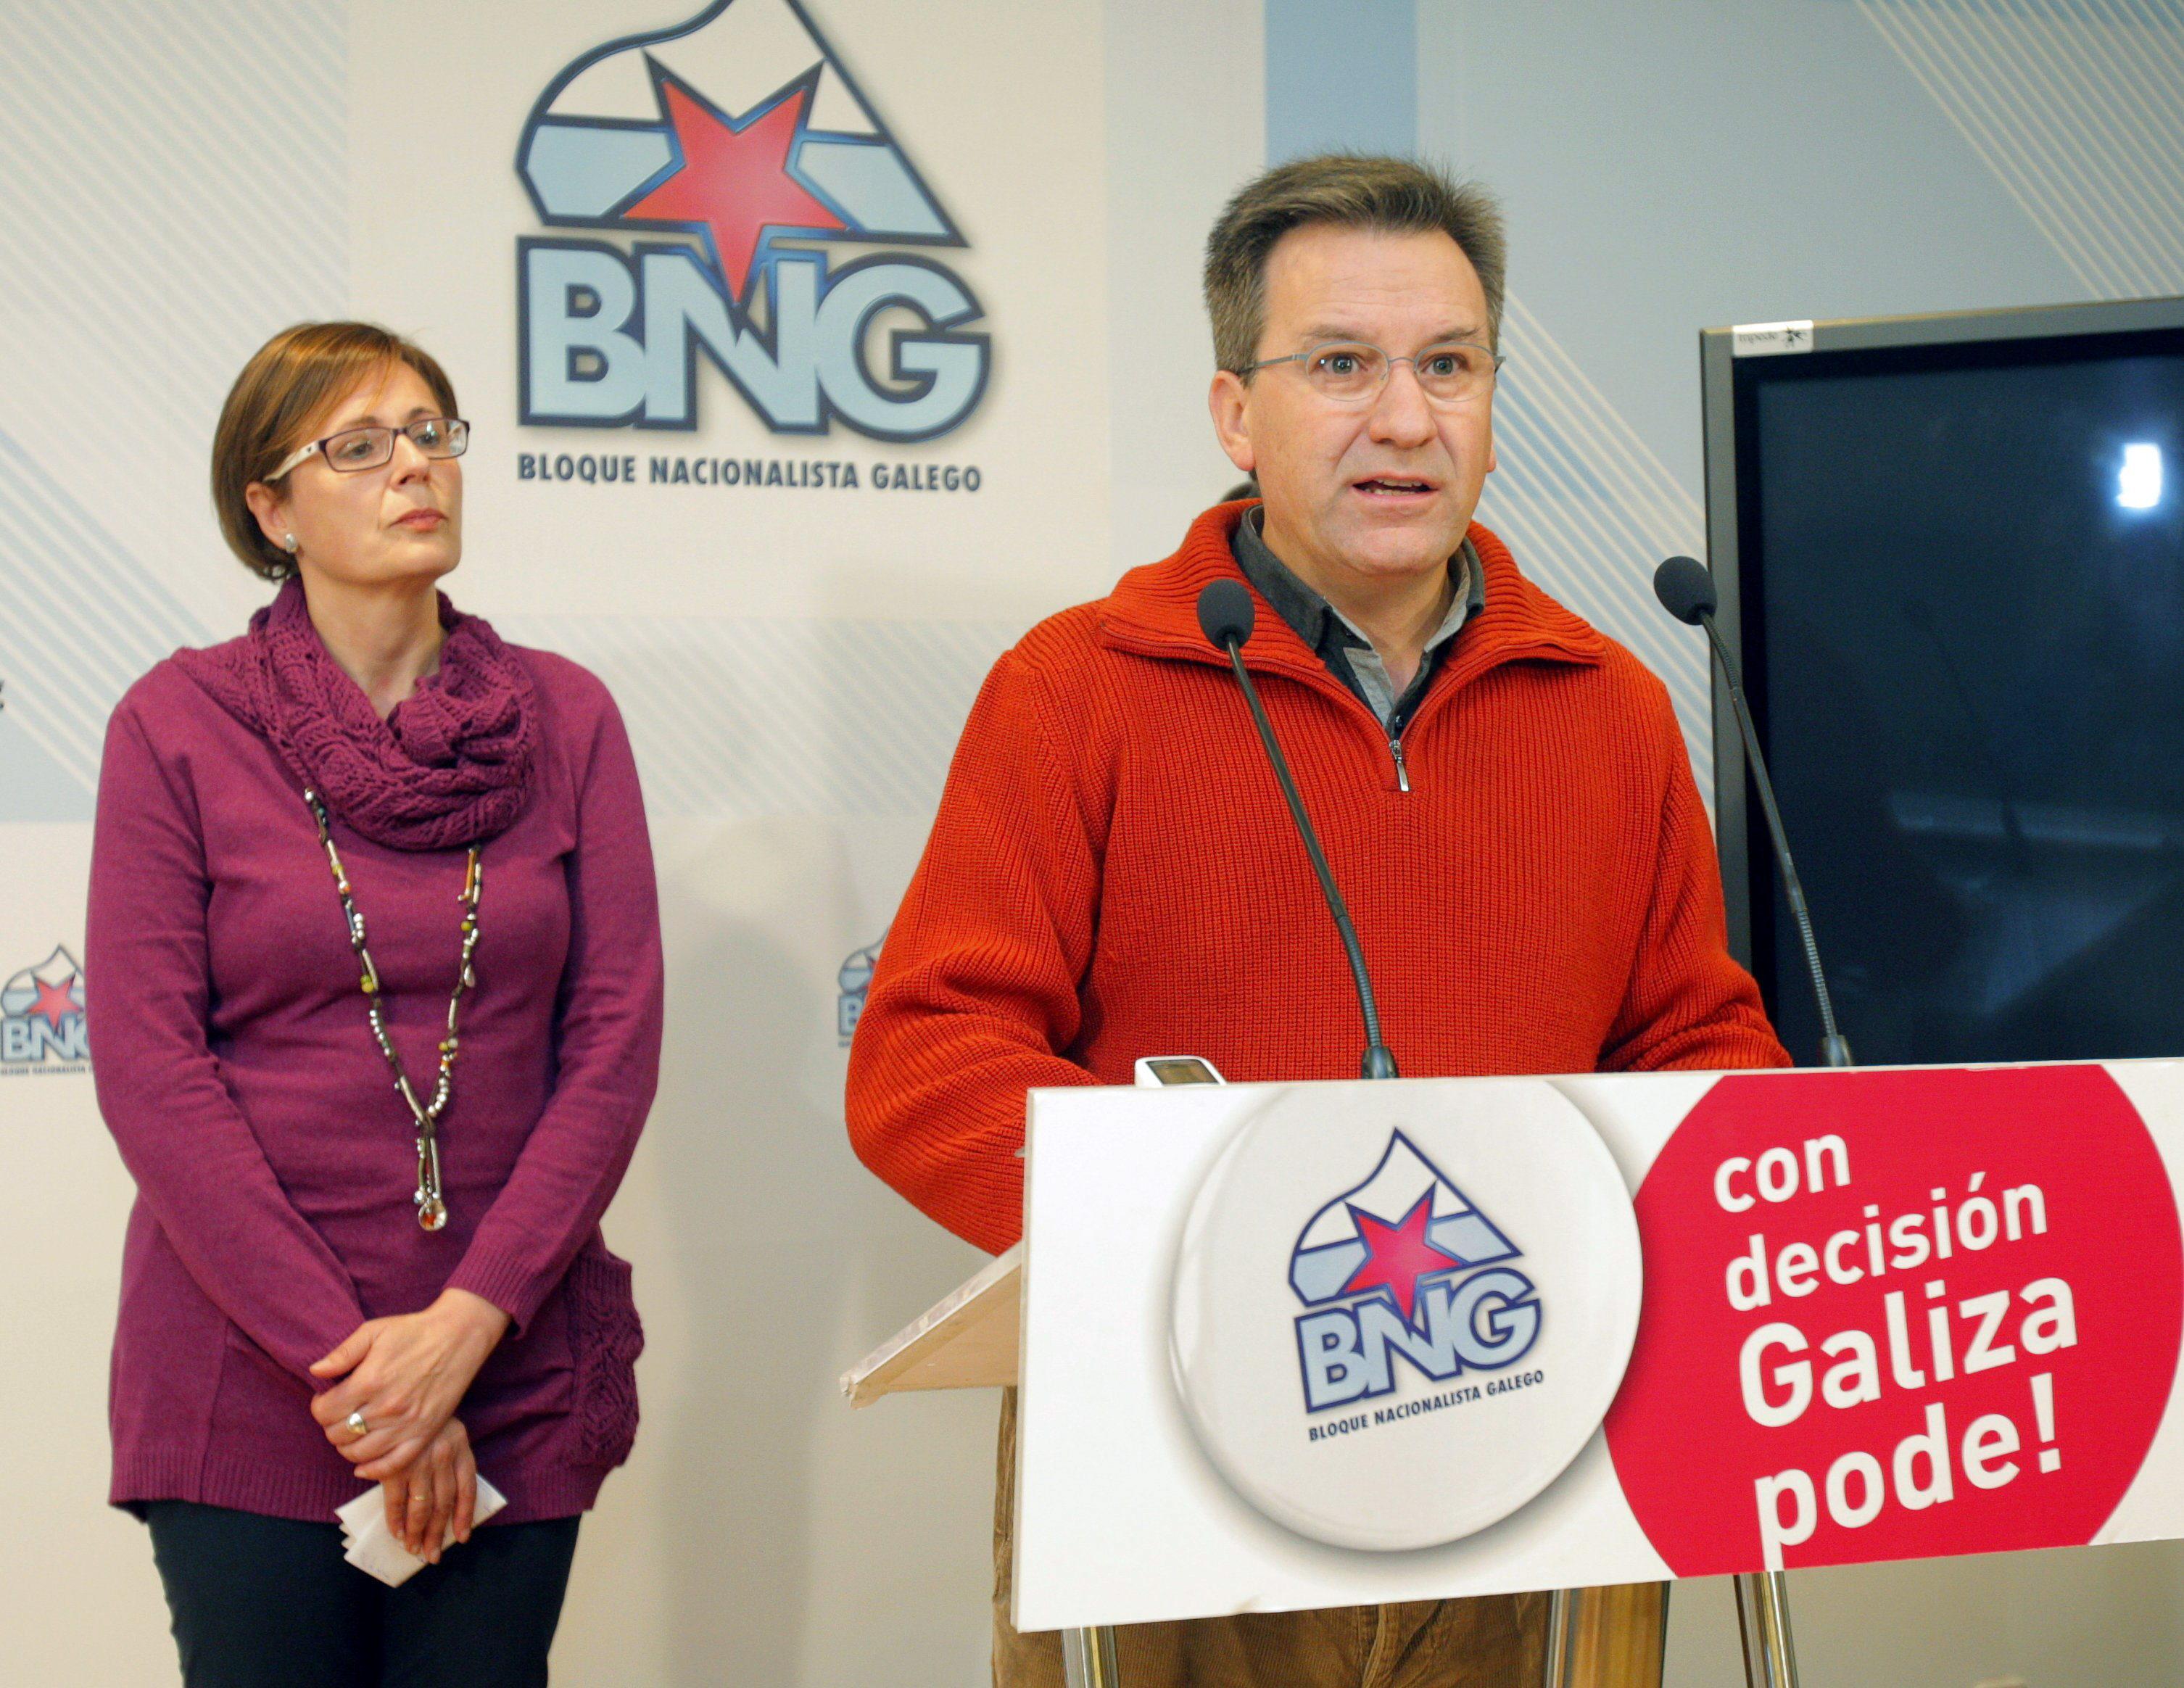 El BNG pide que la Fiscalía investigue posibles delitos en la venta de NCG Banco